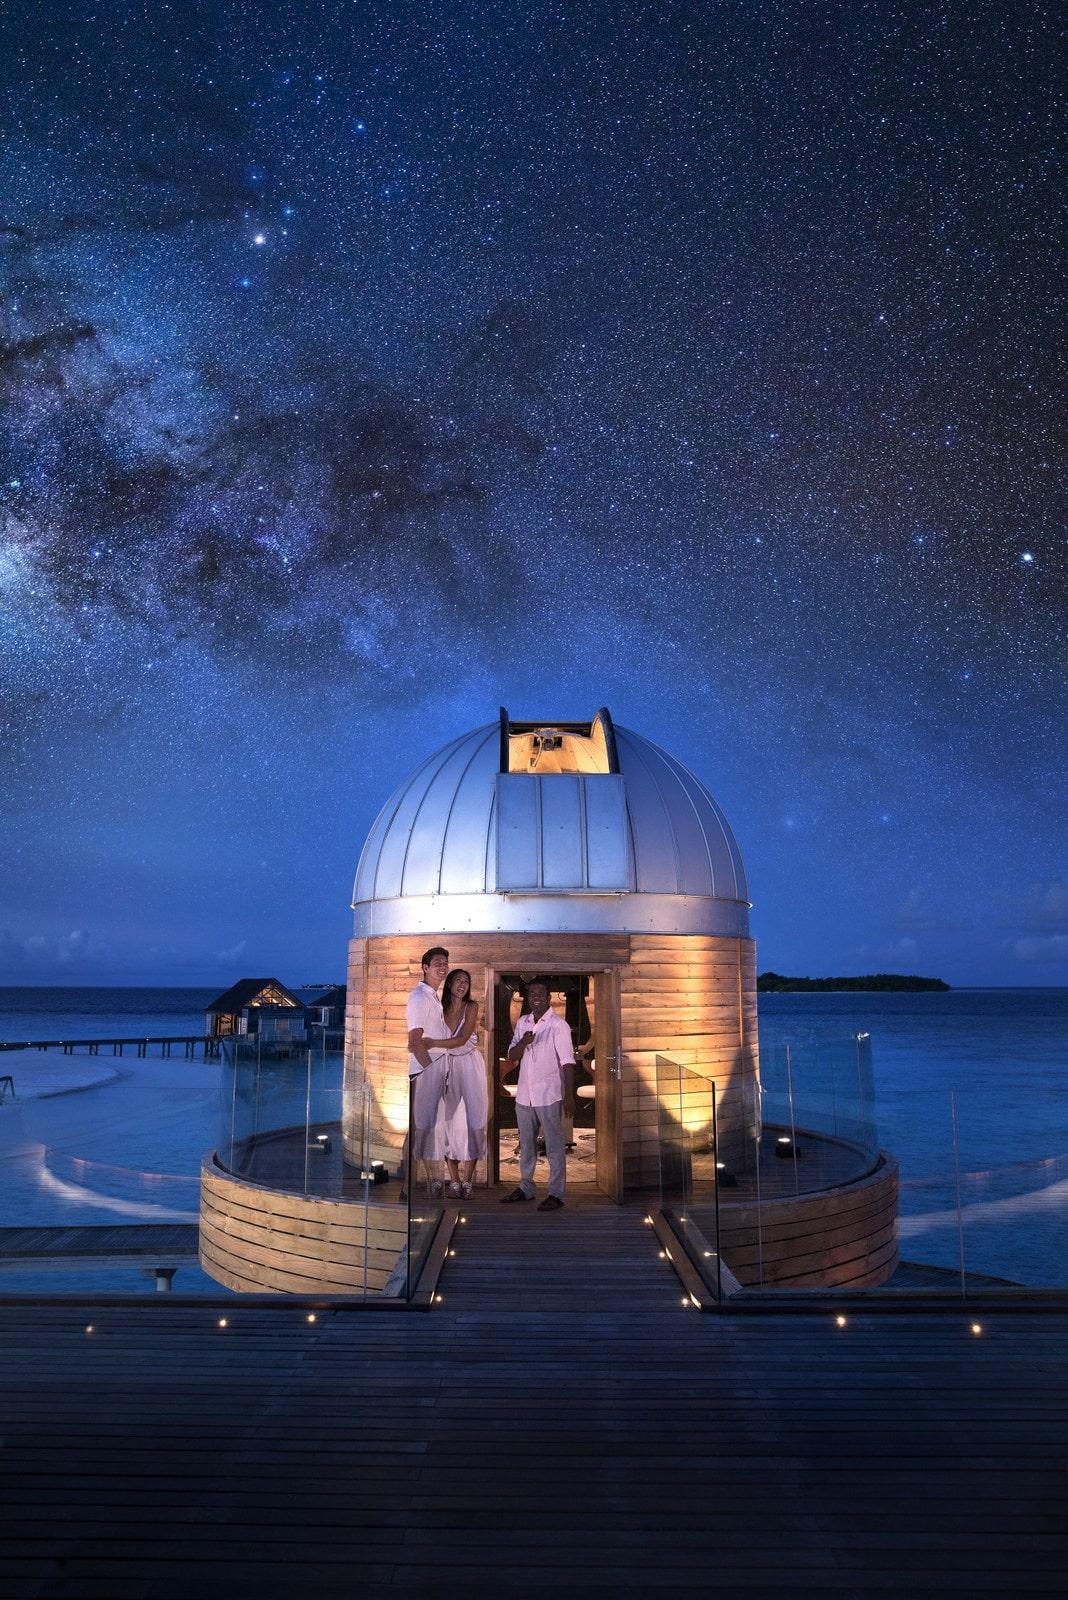 Мальдивы, отель Anantara Kihavah Maldives Villas, обсерватория